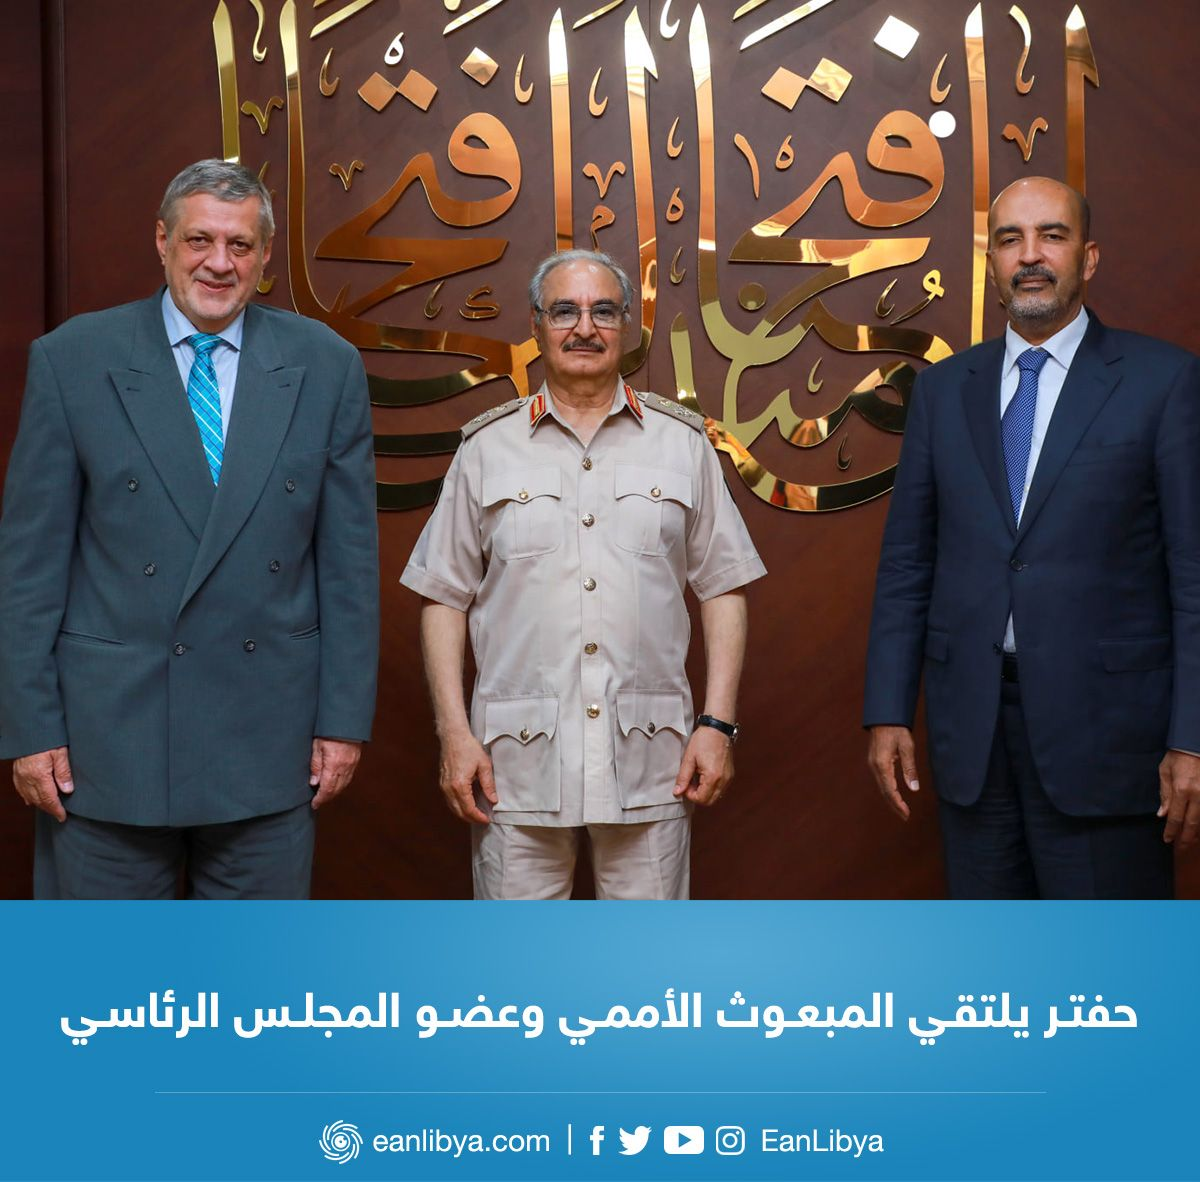 خليفة حفتر يلتقي في الرجمة المبعوث الأممي يان كوبيش، وعضو المجلس الرئاسي موسى الكوني.